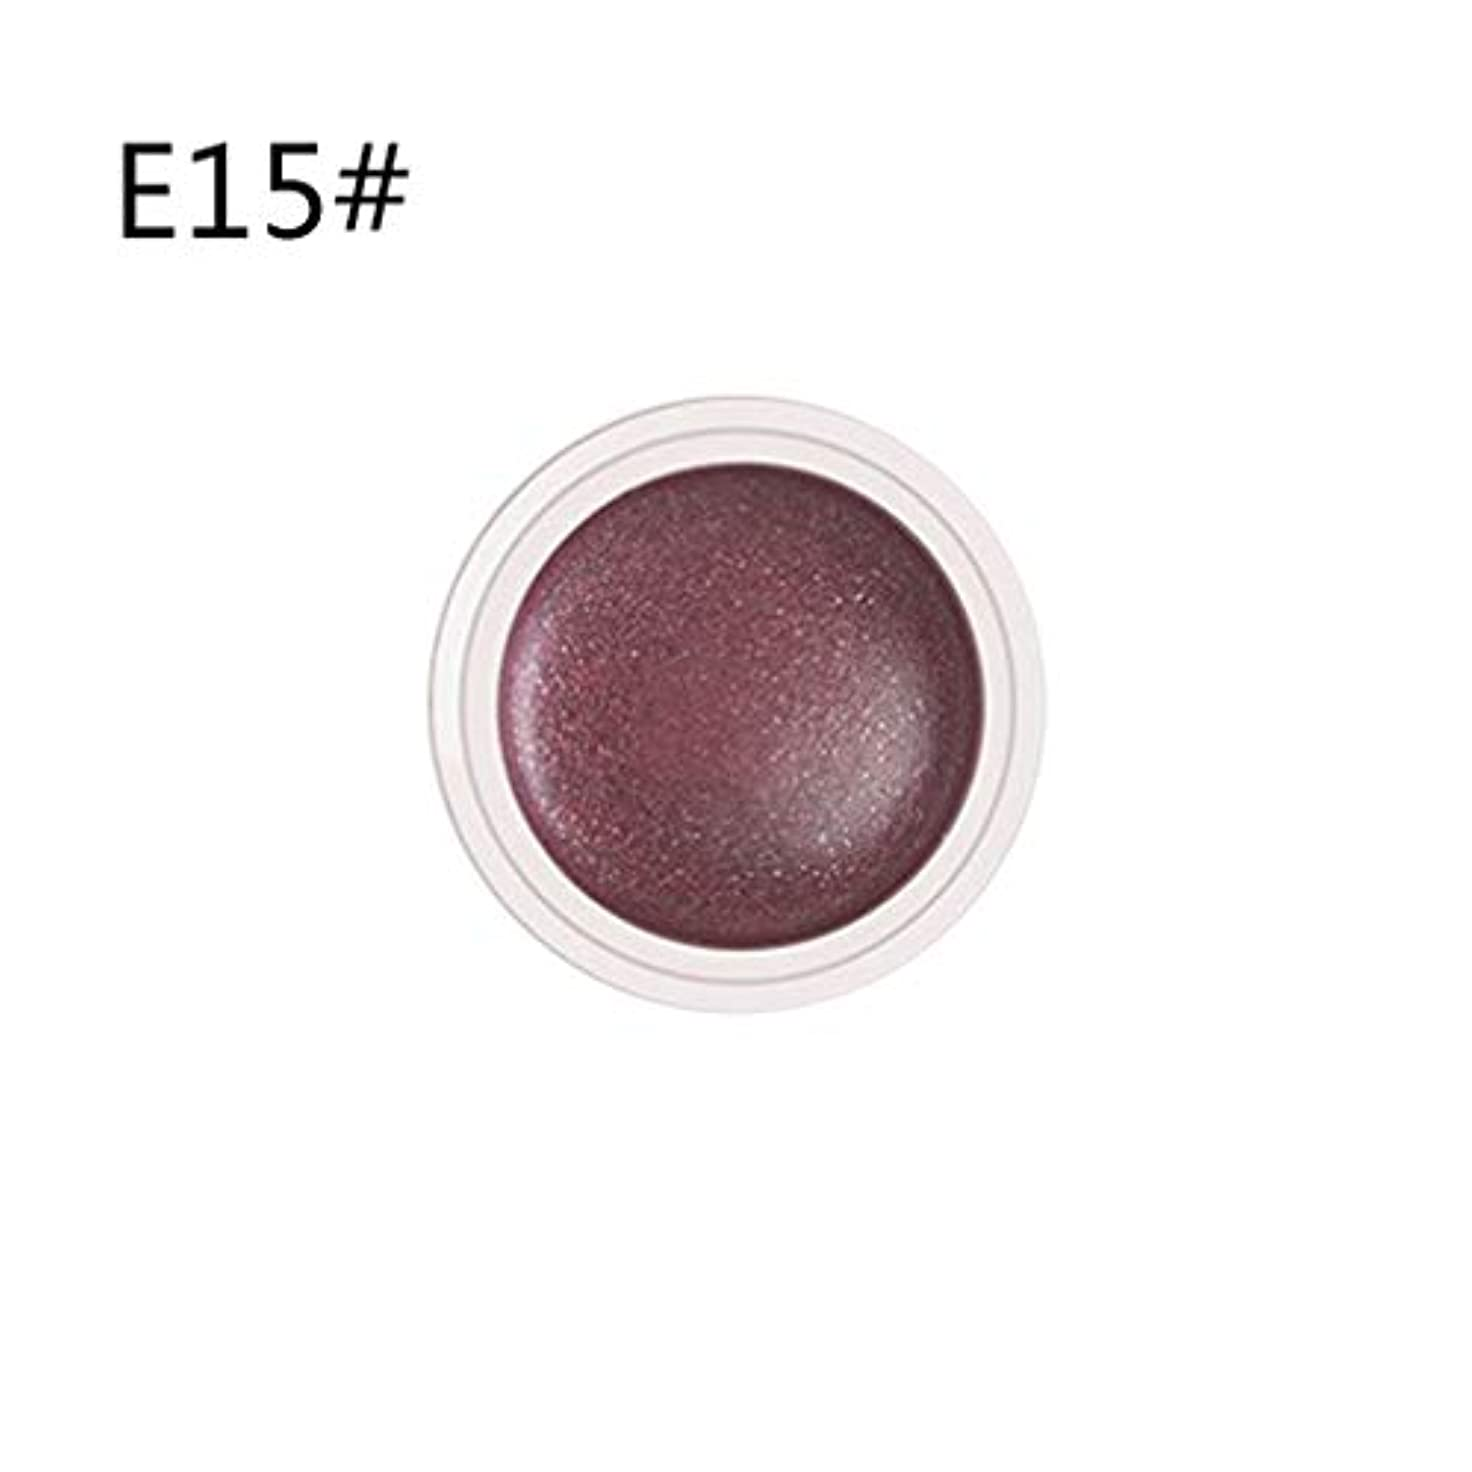 分析土器ガムプロフェッショナルマットアイメイククリーム単色アイシャドウアイメイクアップパーティークラブ化粧品アイシャドウクリーム